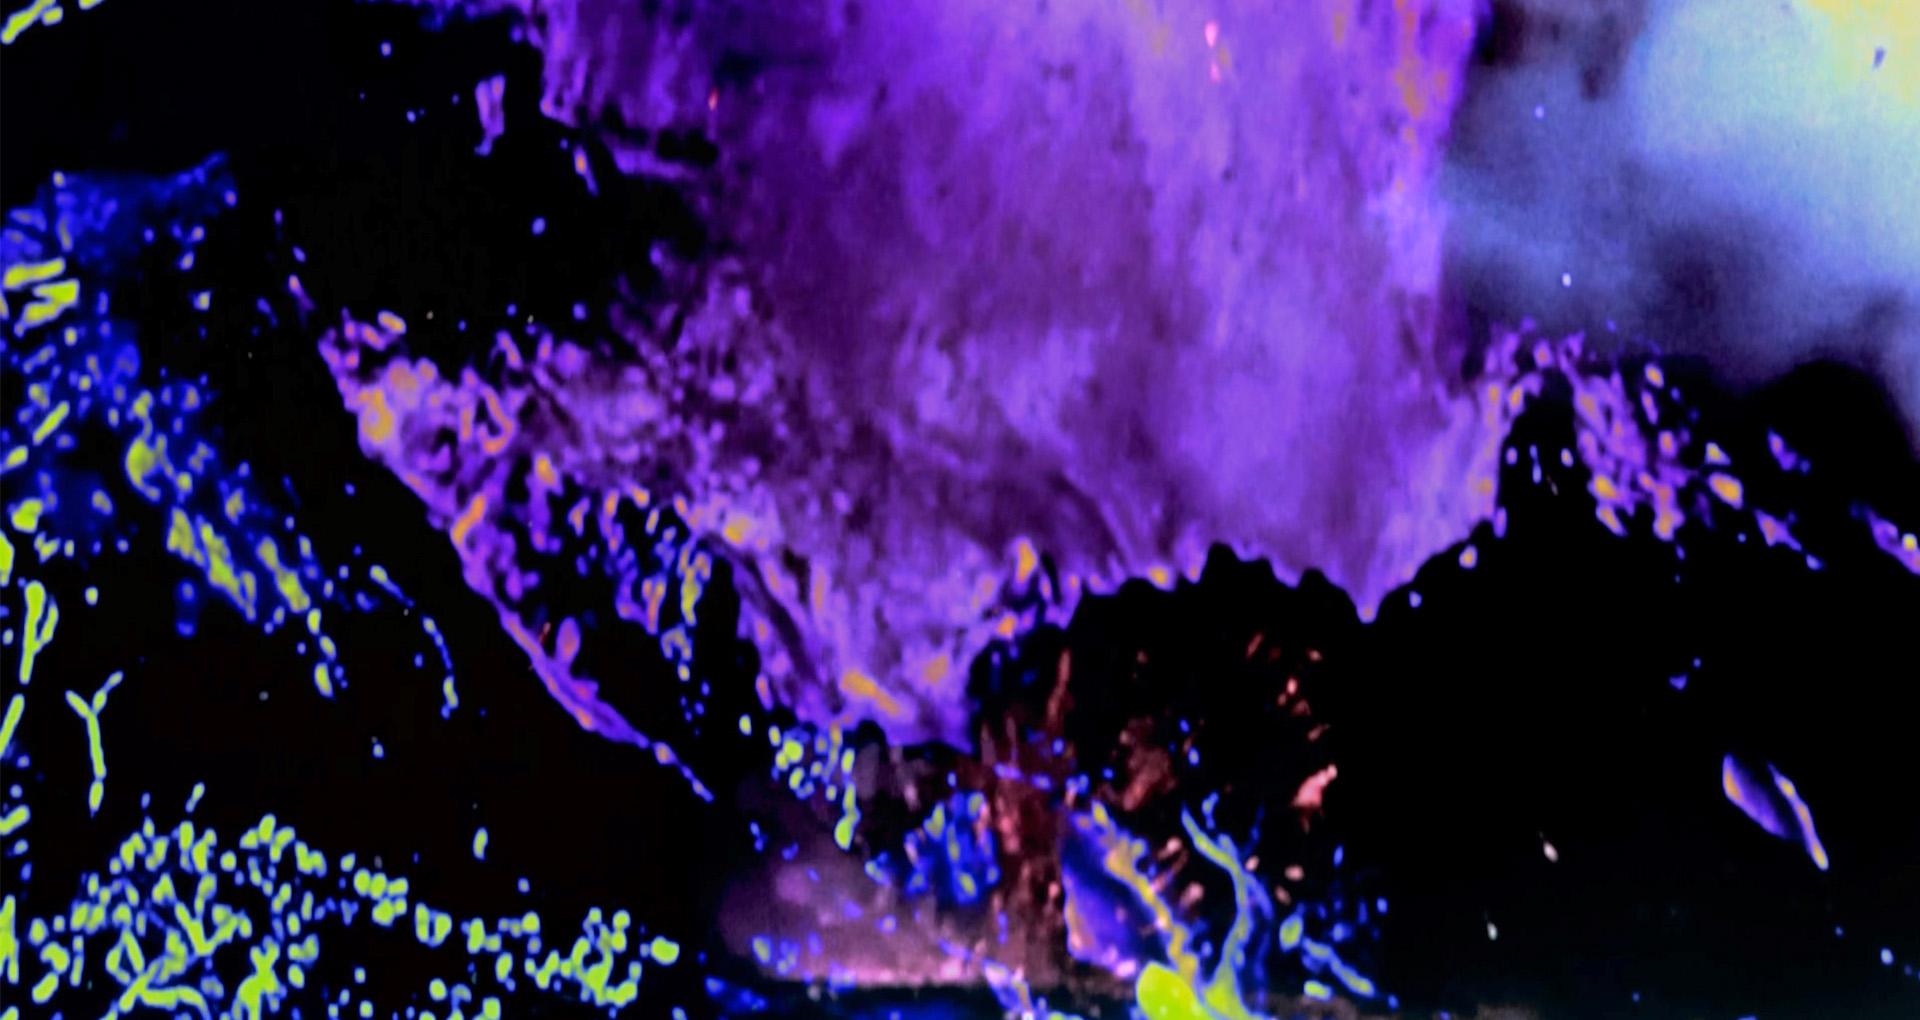 Image abstraite couleur.